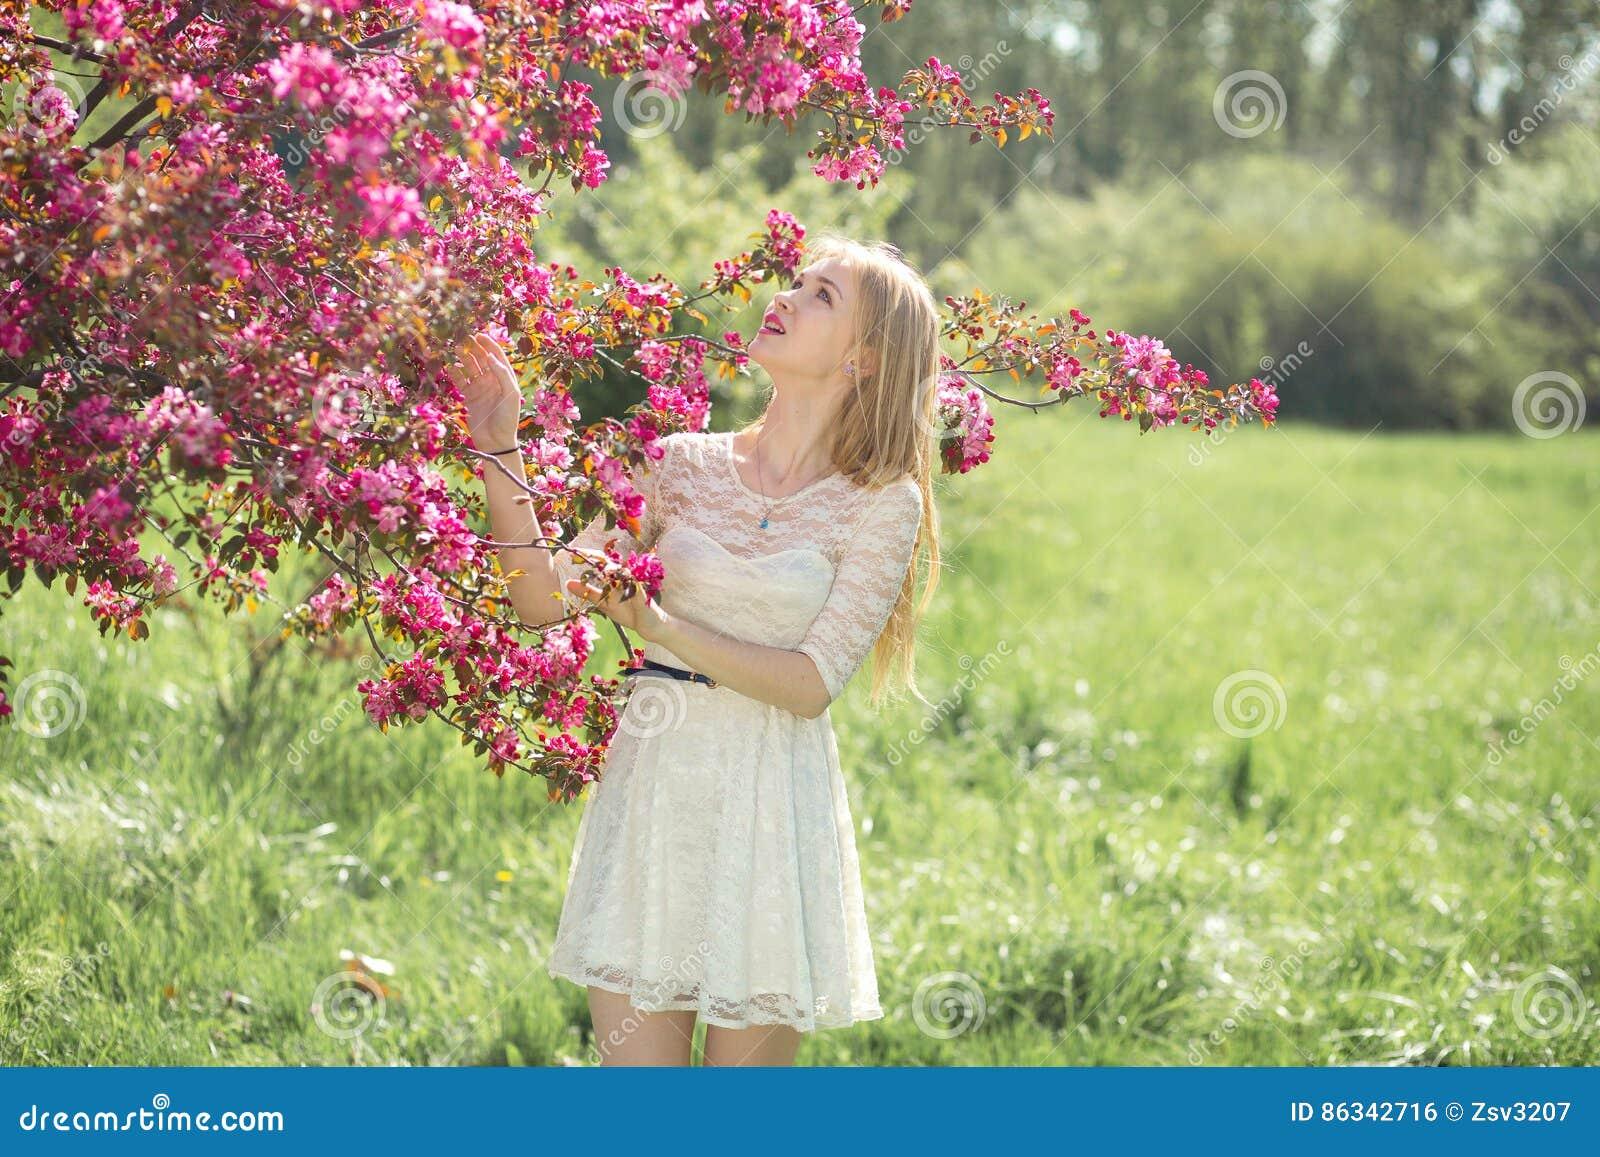 Moça bonita no vestido branco que aprecia o dia morno no parque durante a estação da flor de cerejeira em uma mola agradável